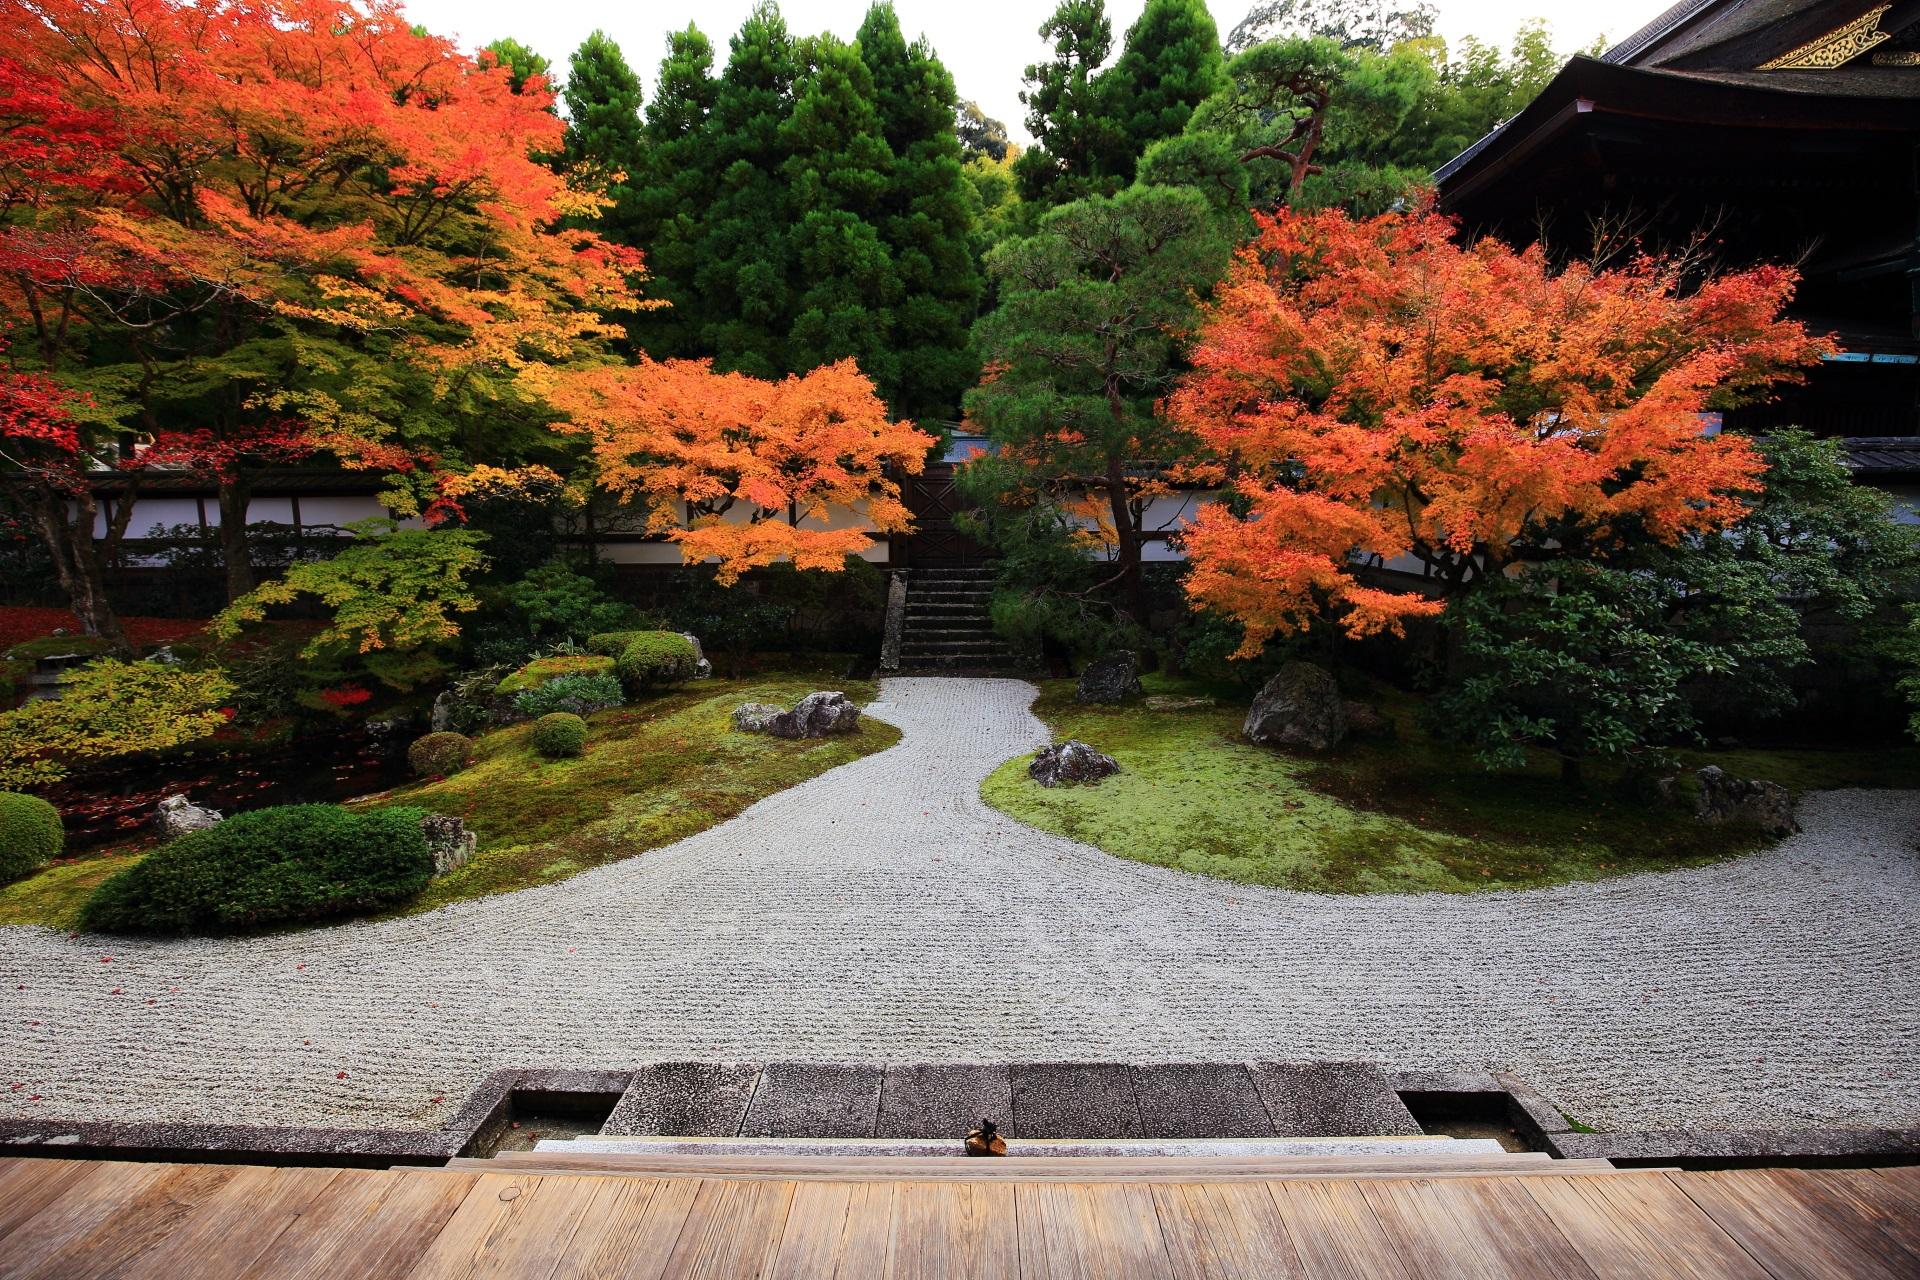 秋色にそまった御座所庭園(ござしょていえん)